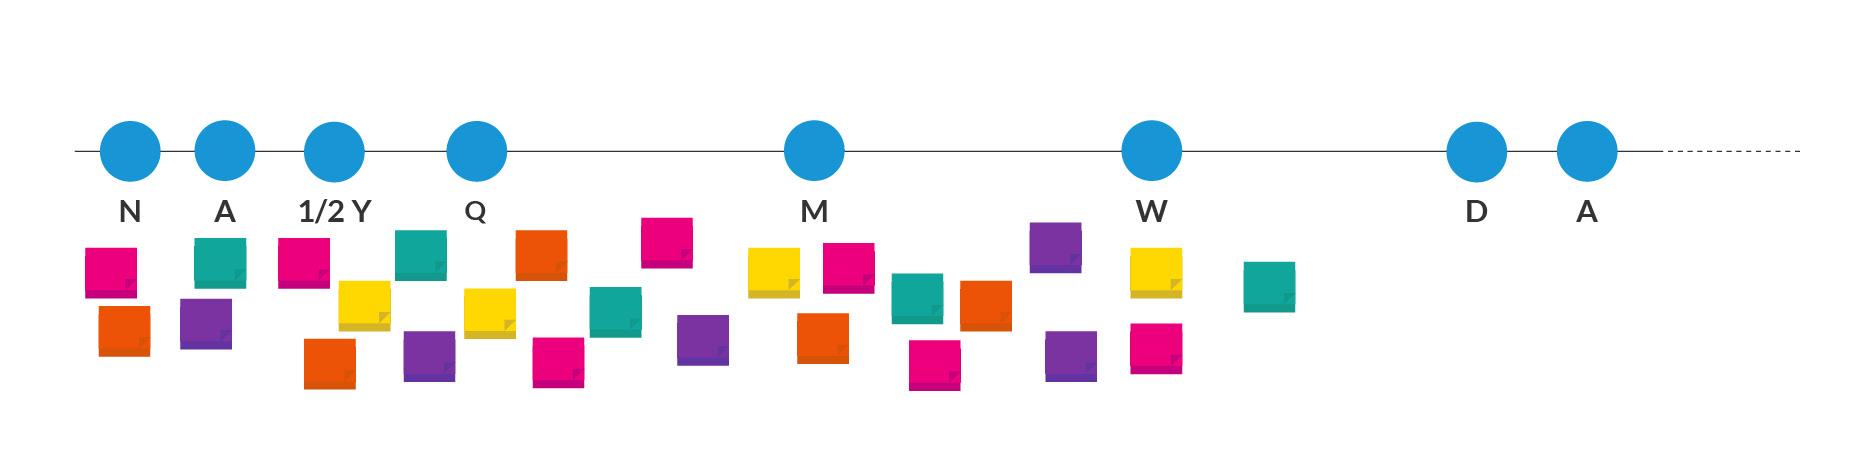 Agile Maturity Model4